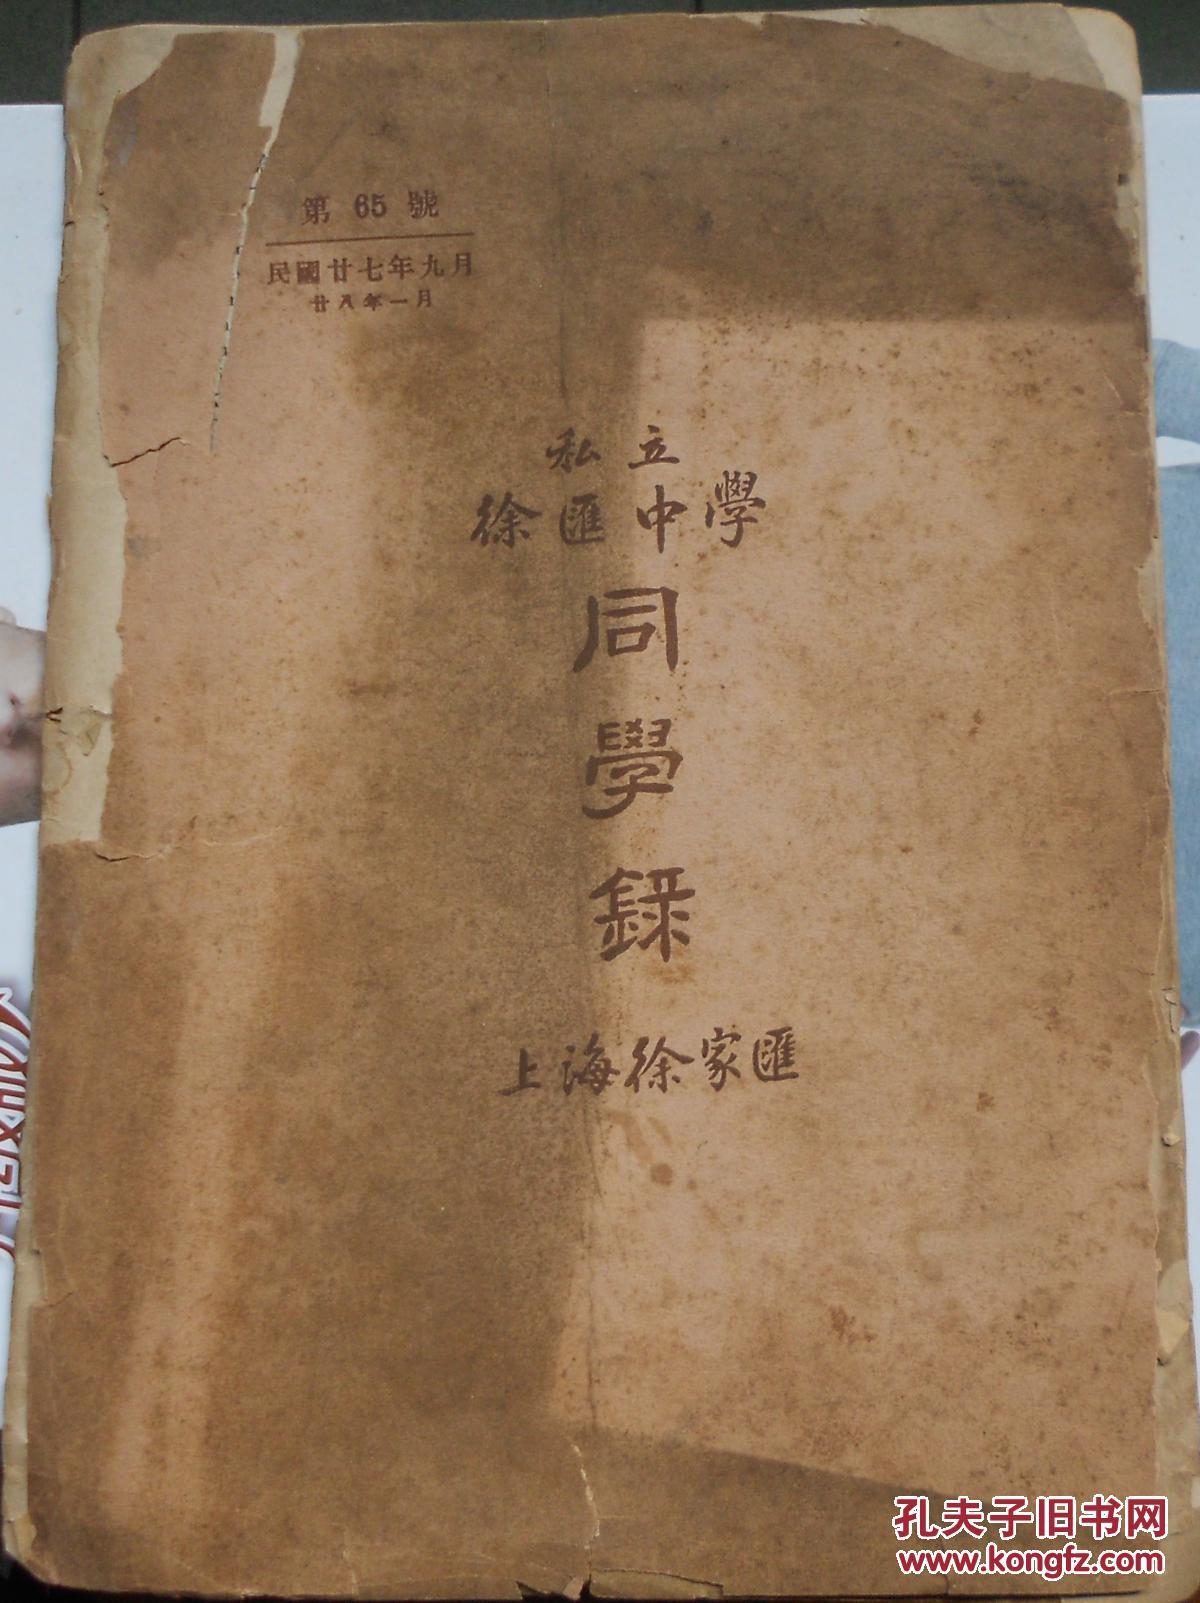 民国二十七年上海私立徐汇女生同学录第65号初中绑图中学被手脚图片